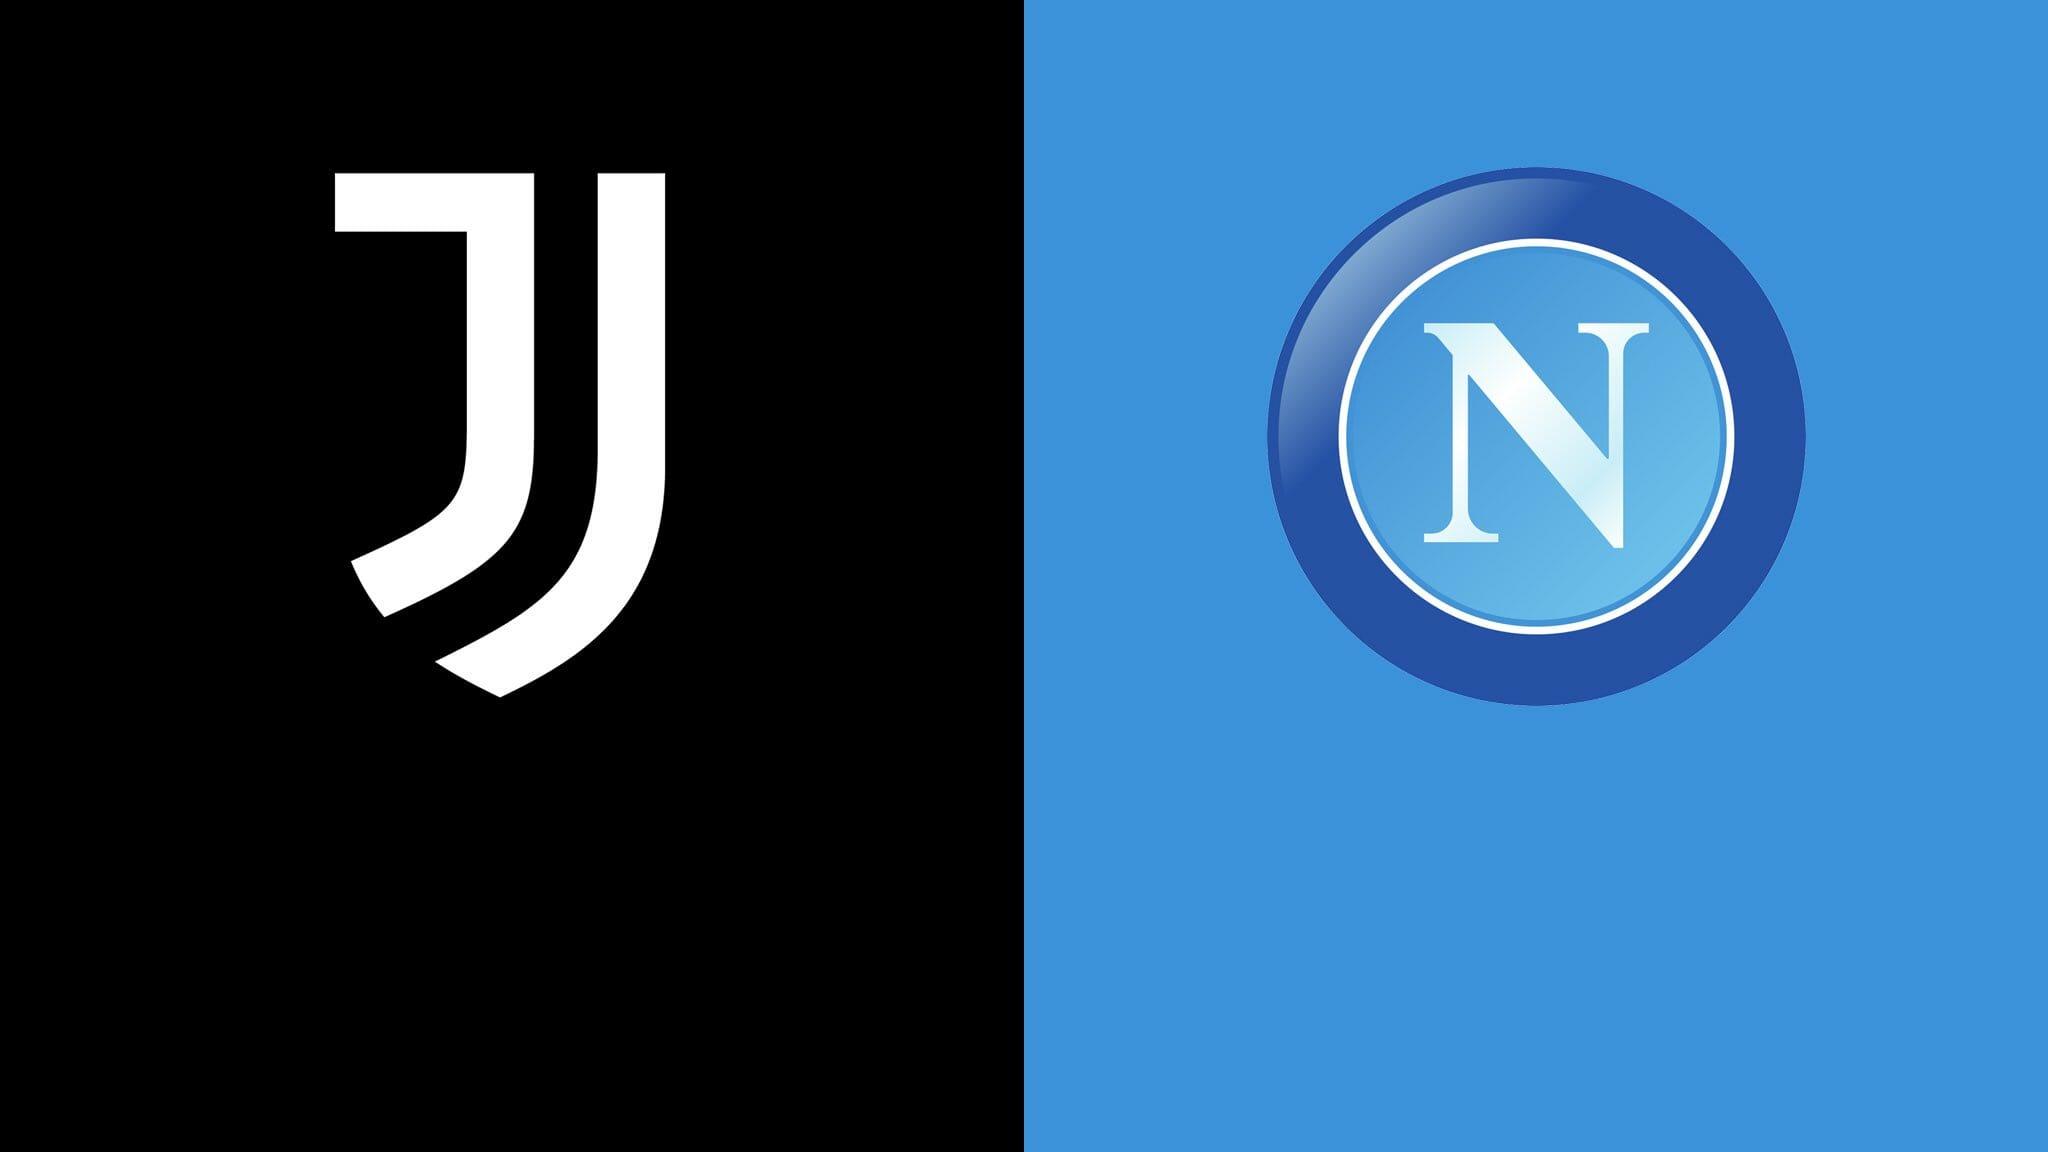 نابولي ويوفنتوس في نهائي كأس السوبر الإيطالي